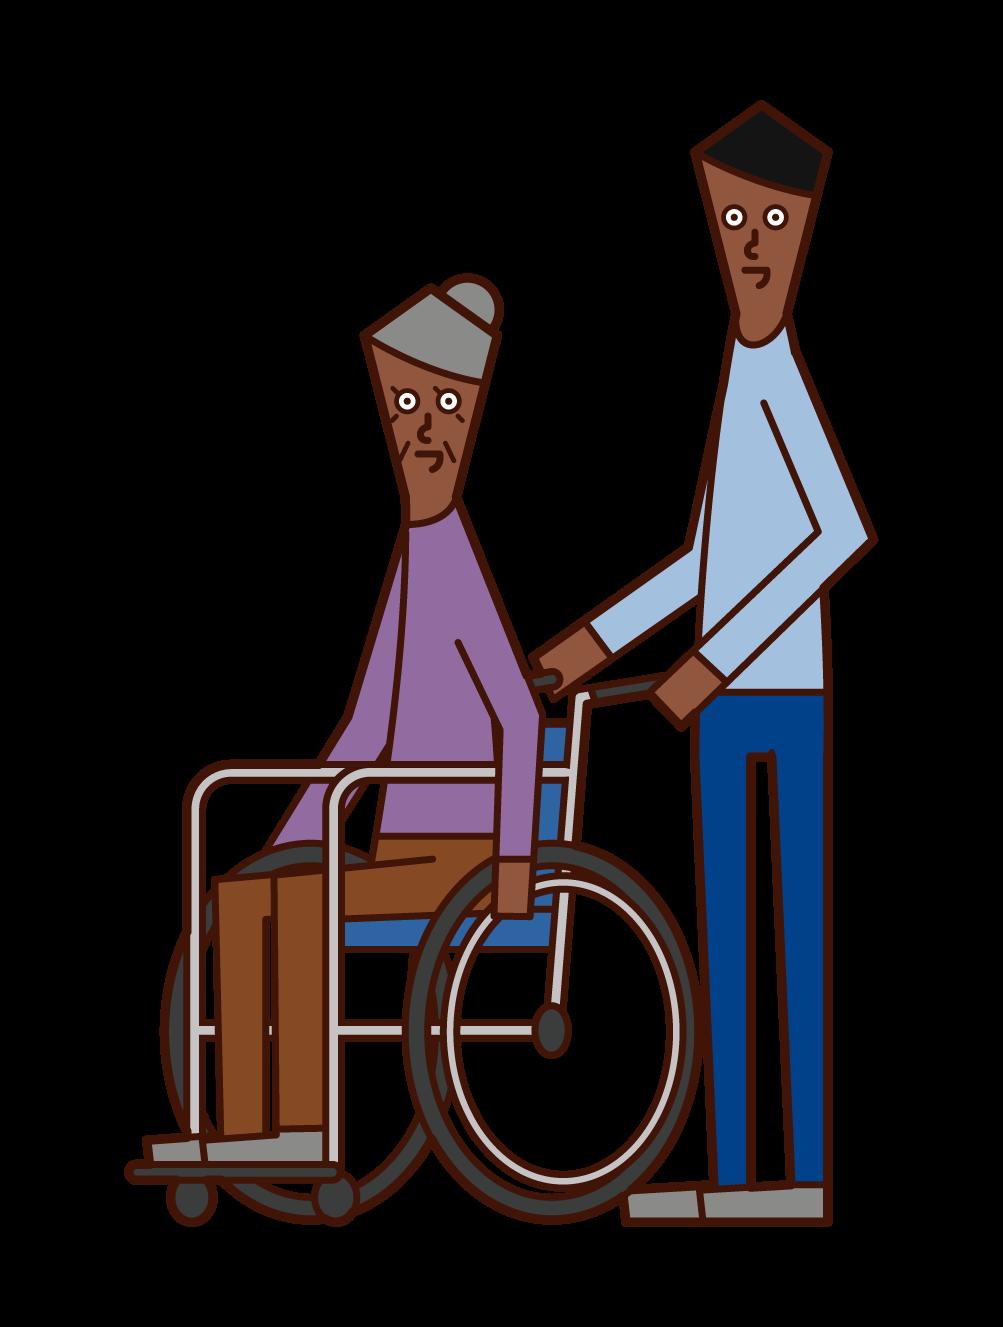 車椅子に乗る老人(女性)と押す人(男性)のイラスト